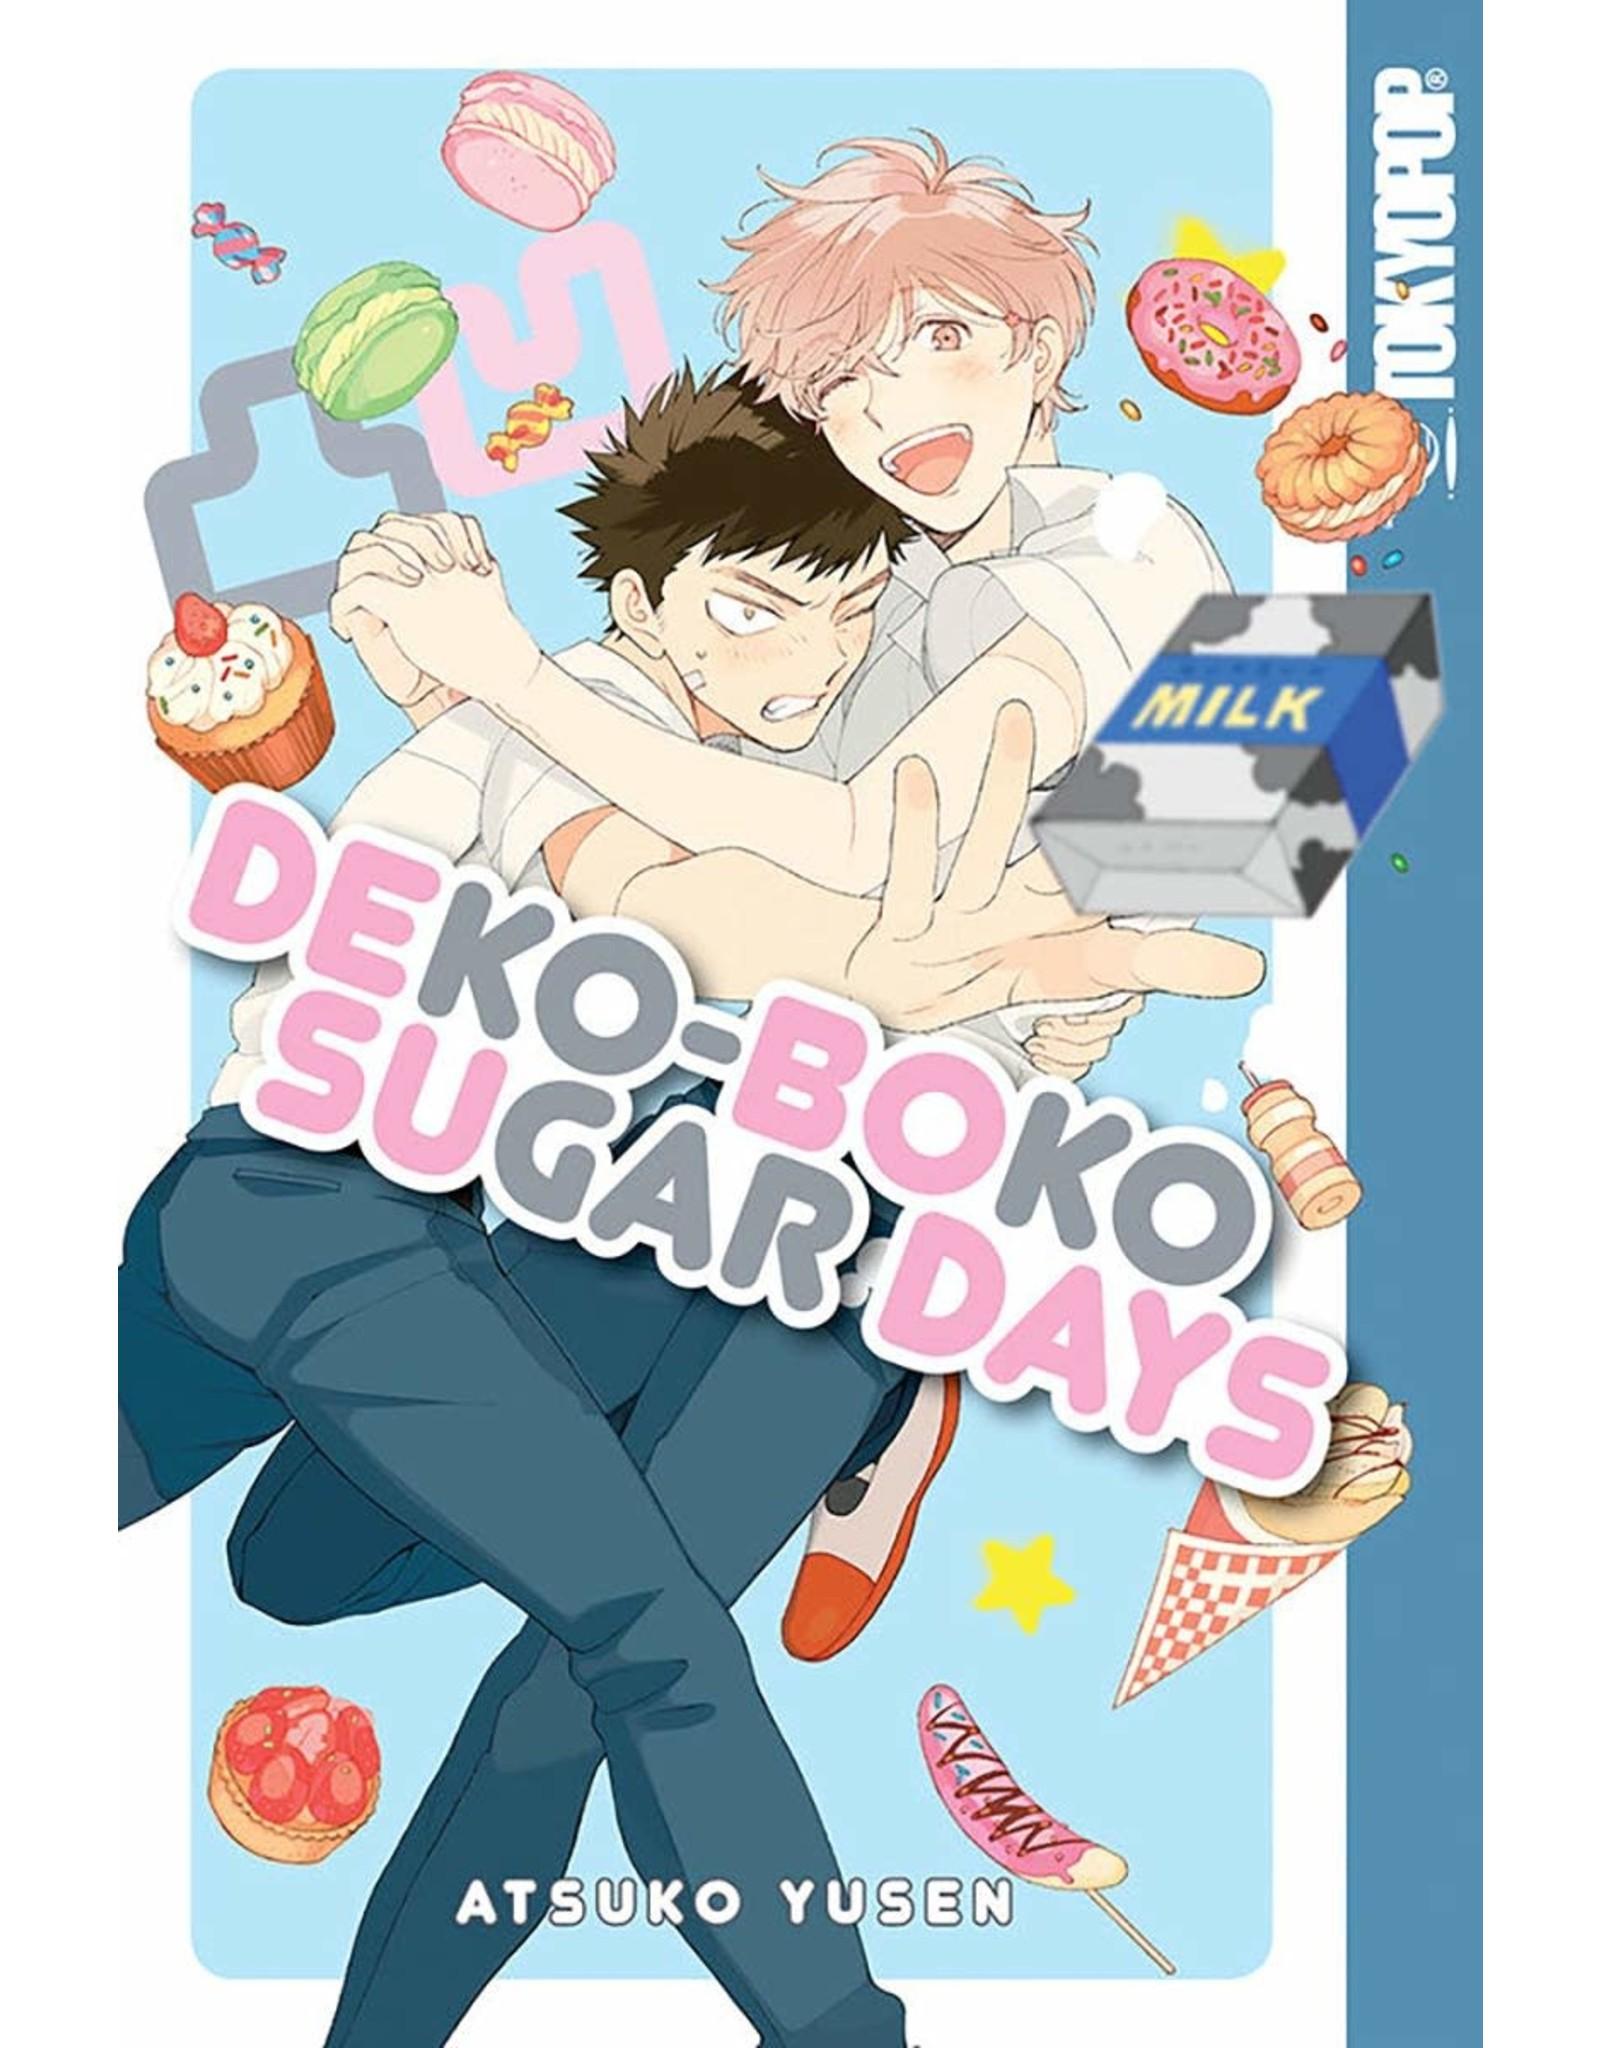 Deko-Boko Sugar Days 1 (English)